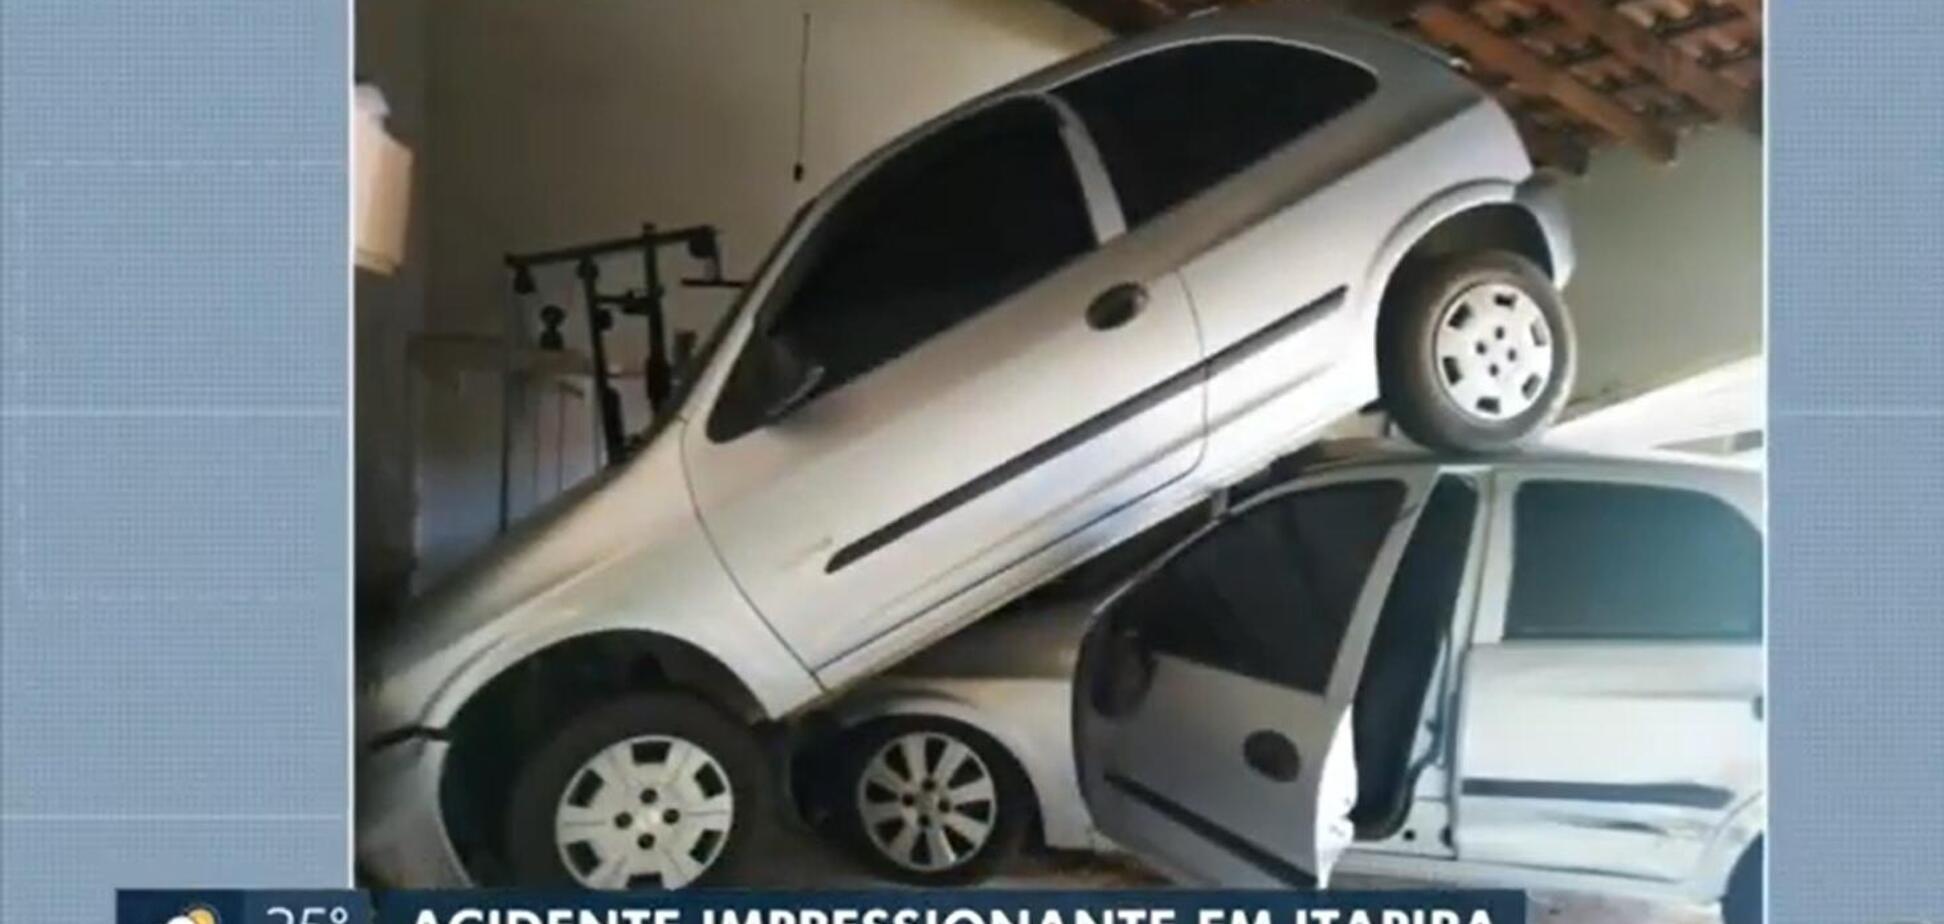 Красиво влетел в чужой гараж: необычное ДТП попало на видео